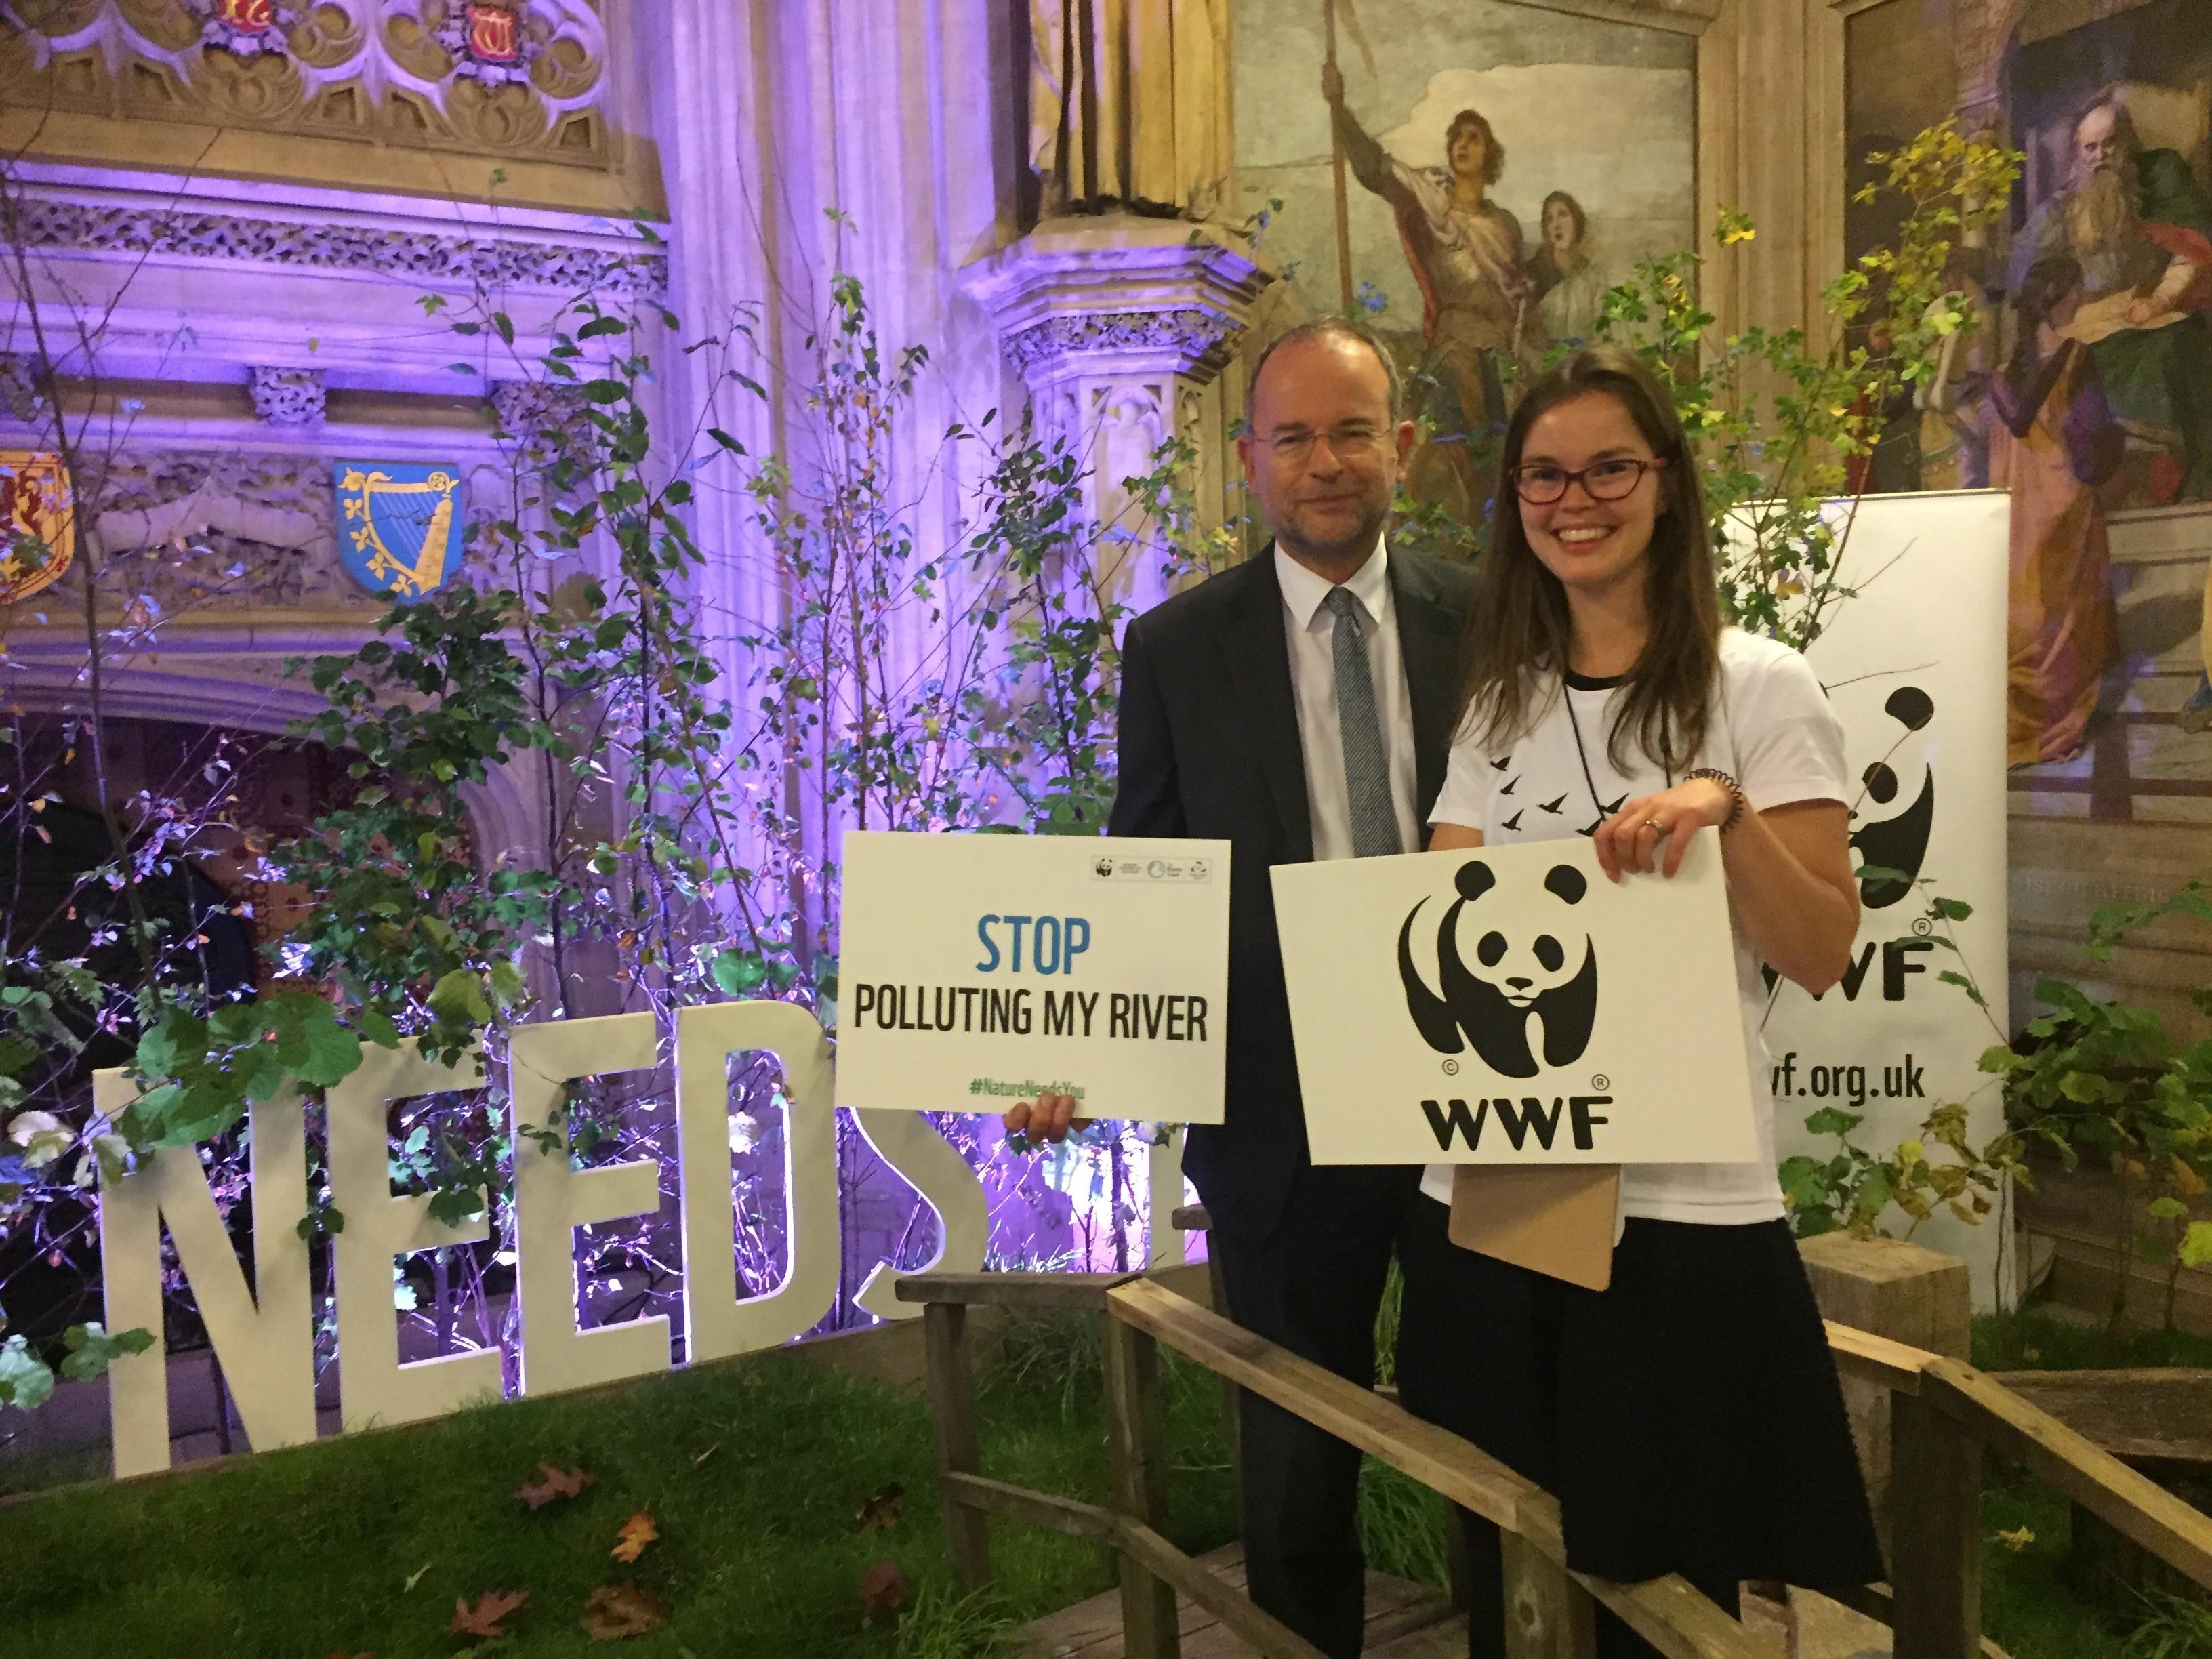 171018_WWF_exhibit.jpg